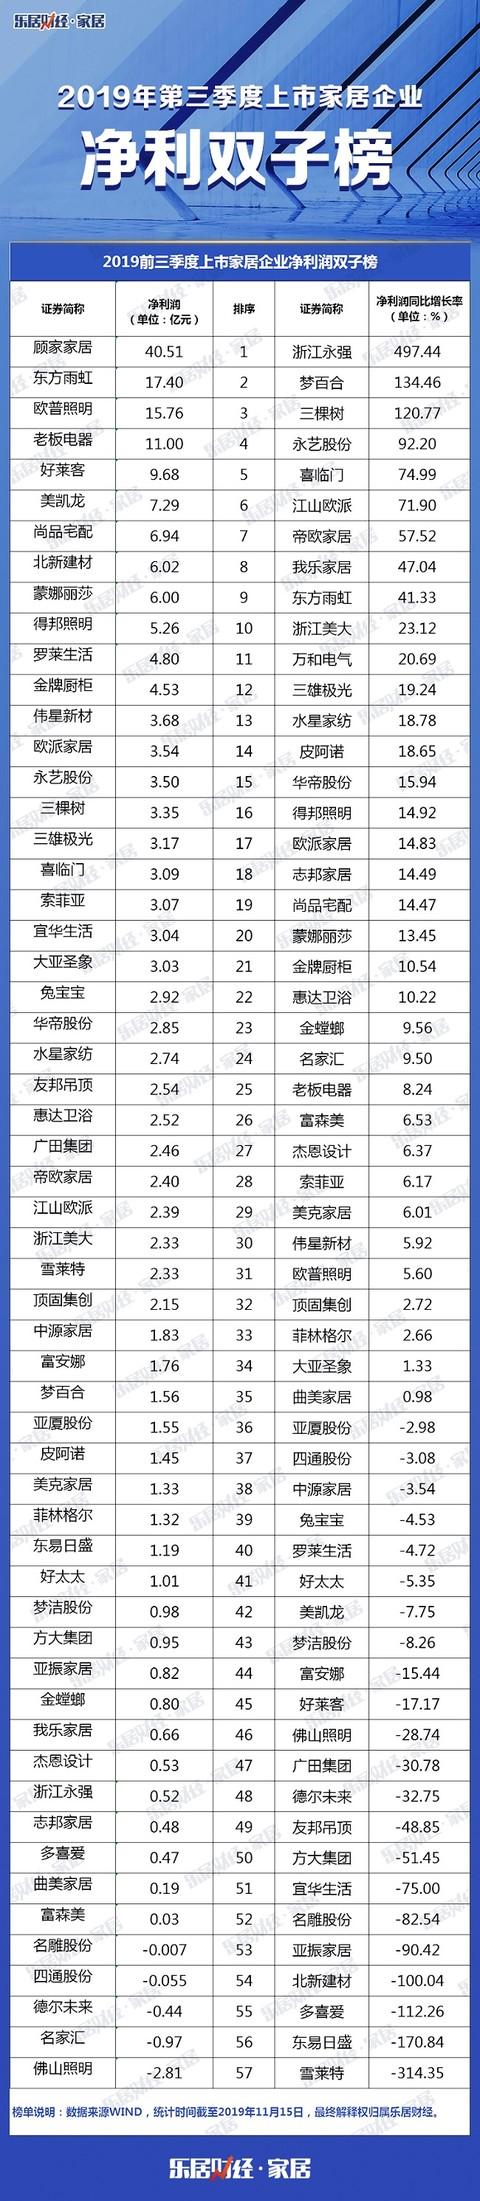 57大家居净利润总额超200亿,浙江永强497.43%翻盘,成净利增长黑马 |三季报榜单③